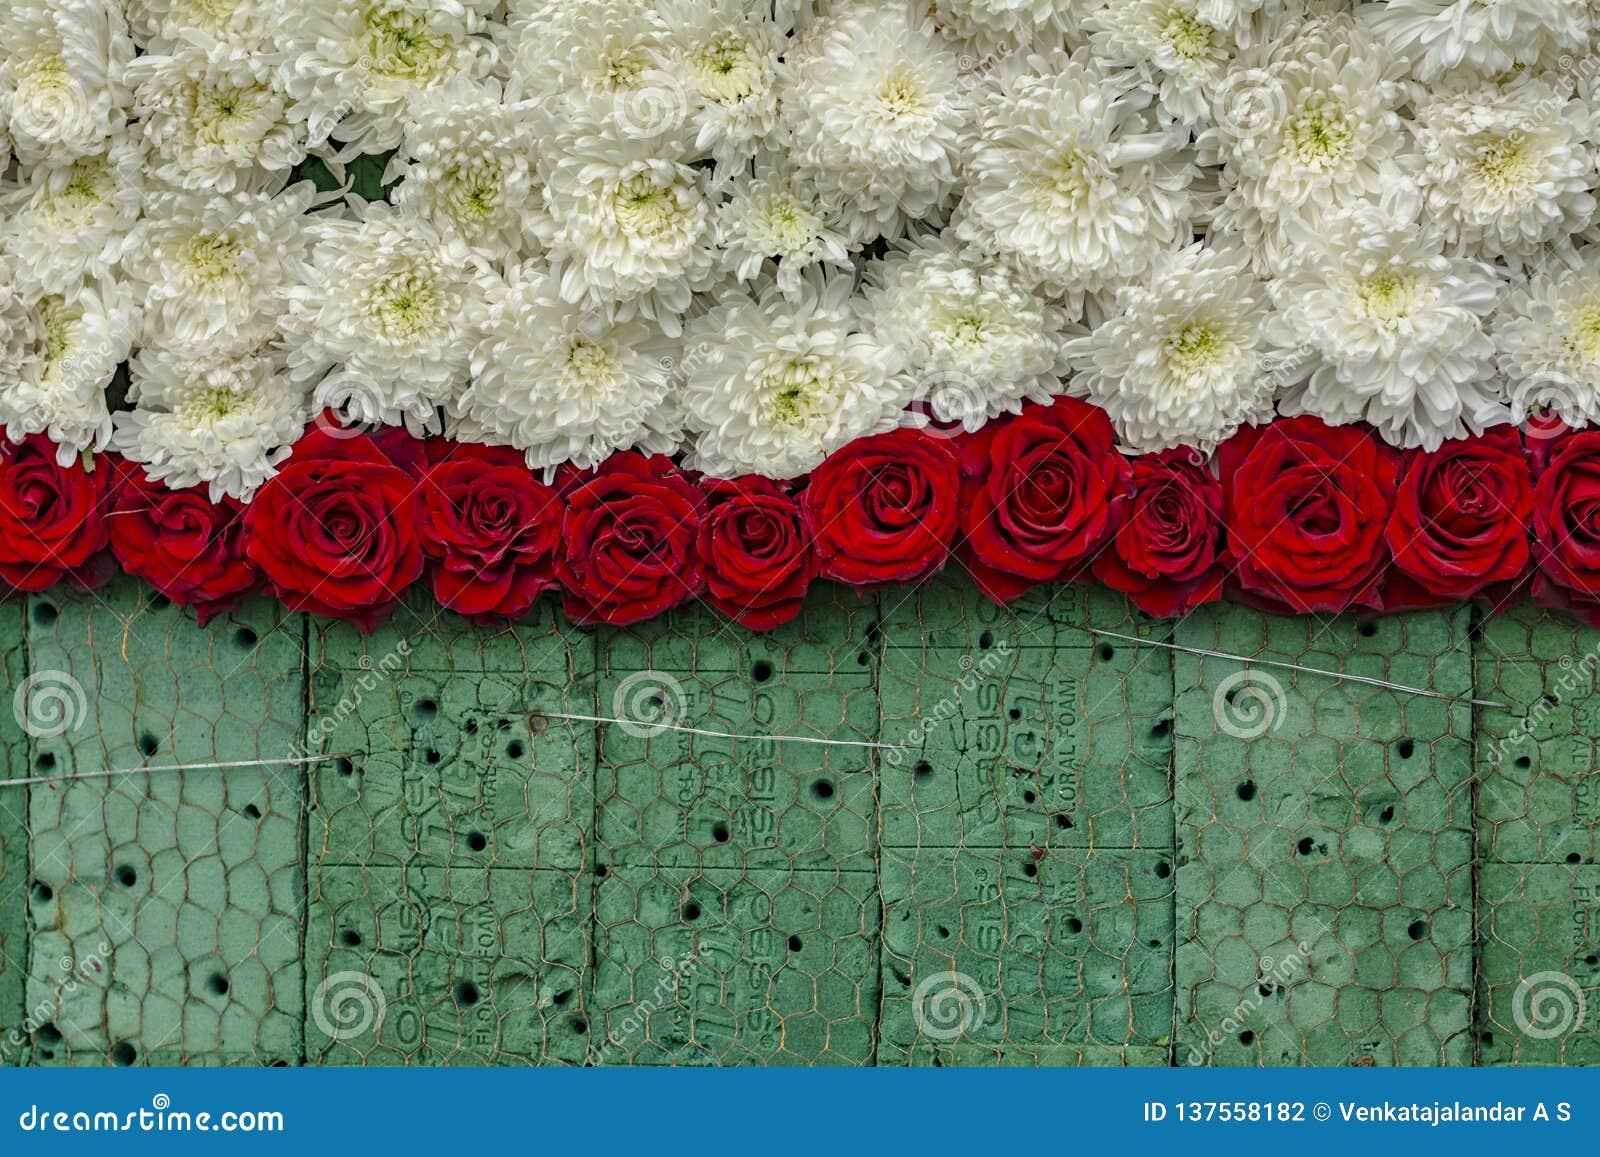 Travail en cours : Mur de Rose Flowers sur la mousse florale